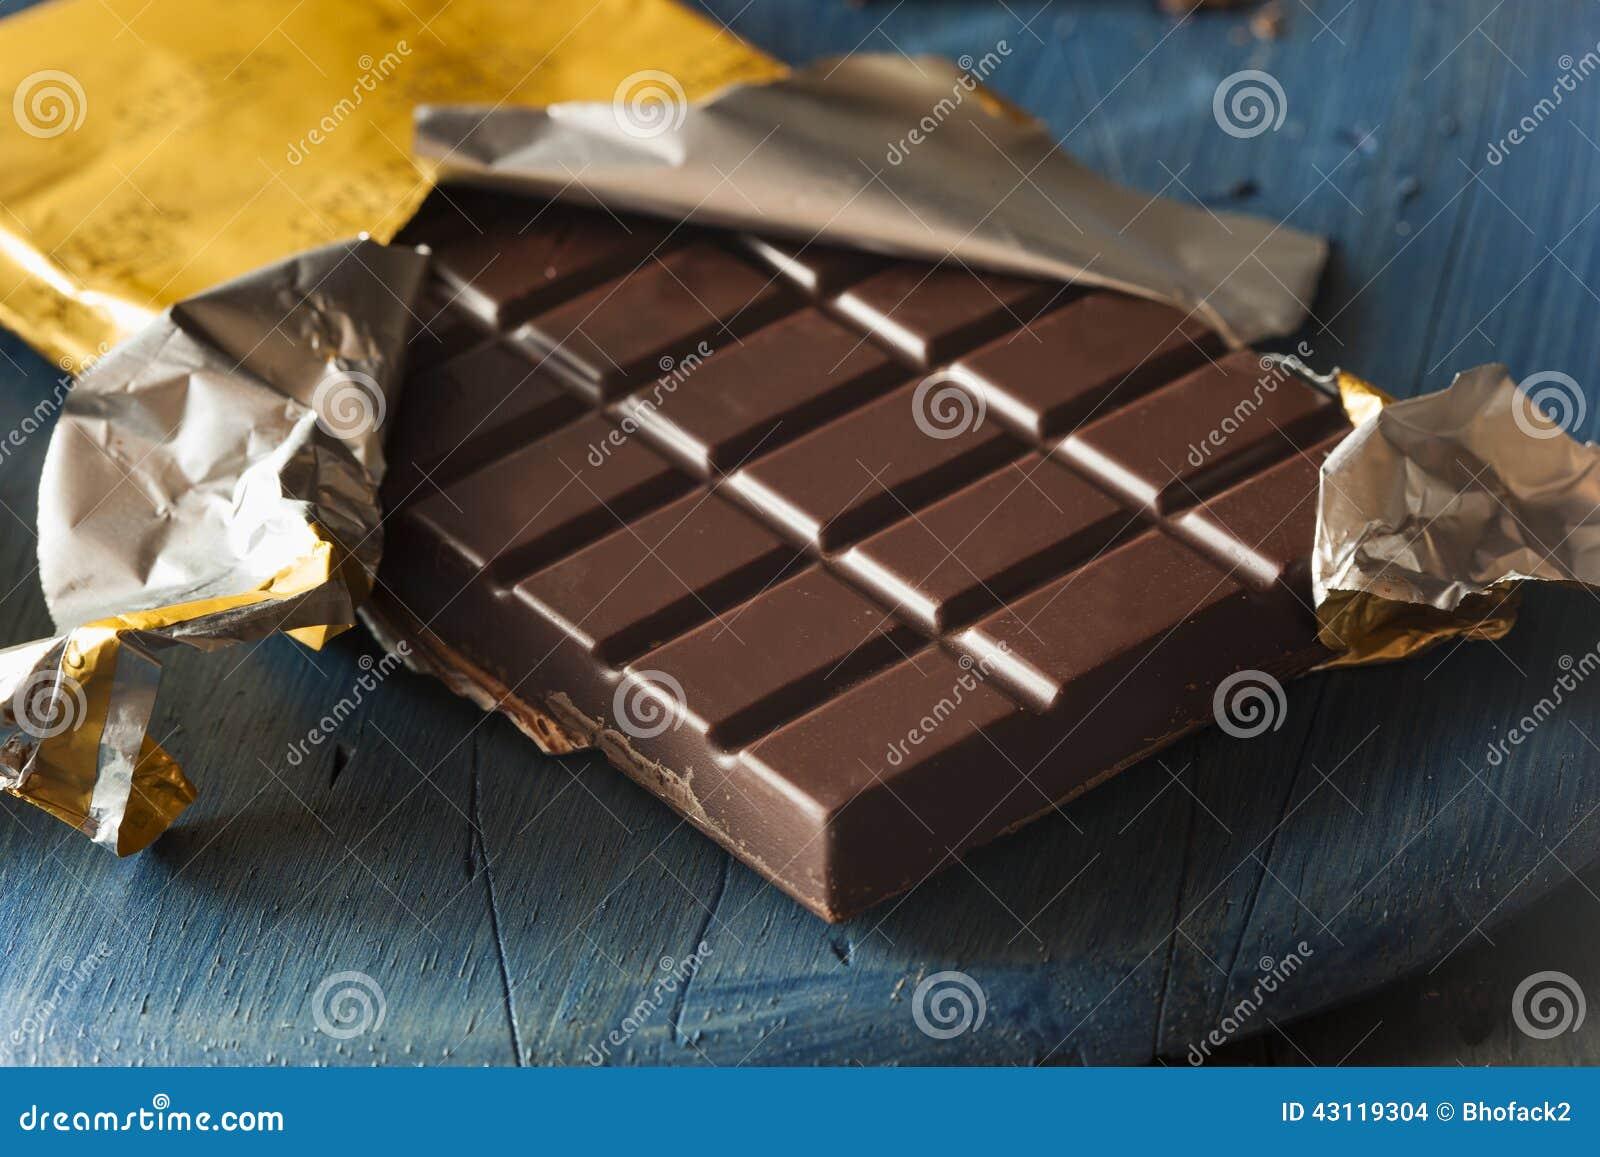 Organic Dark Chocolate Candy Bar